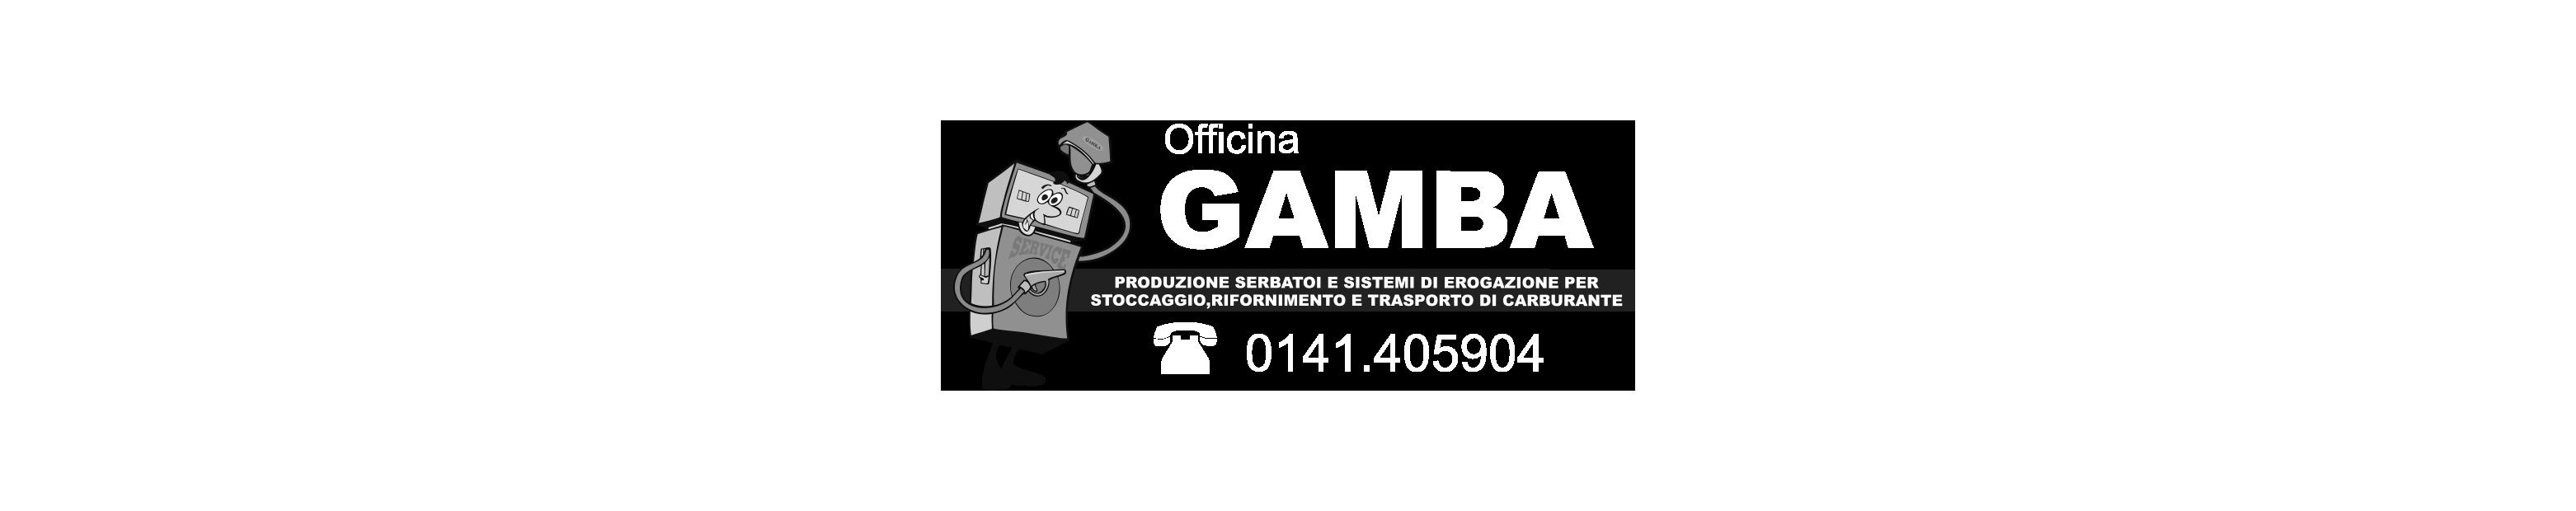 13.GAMBA